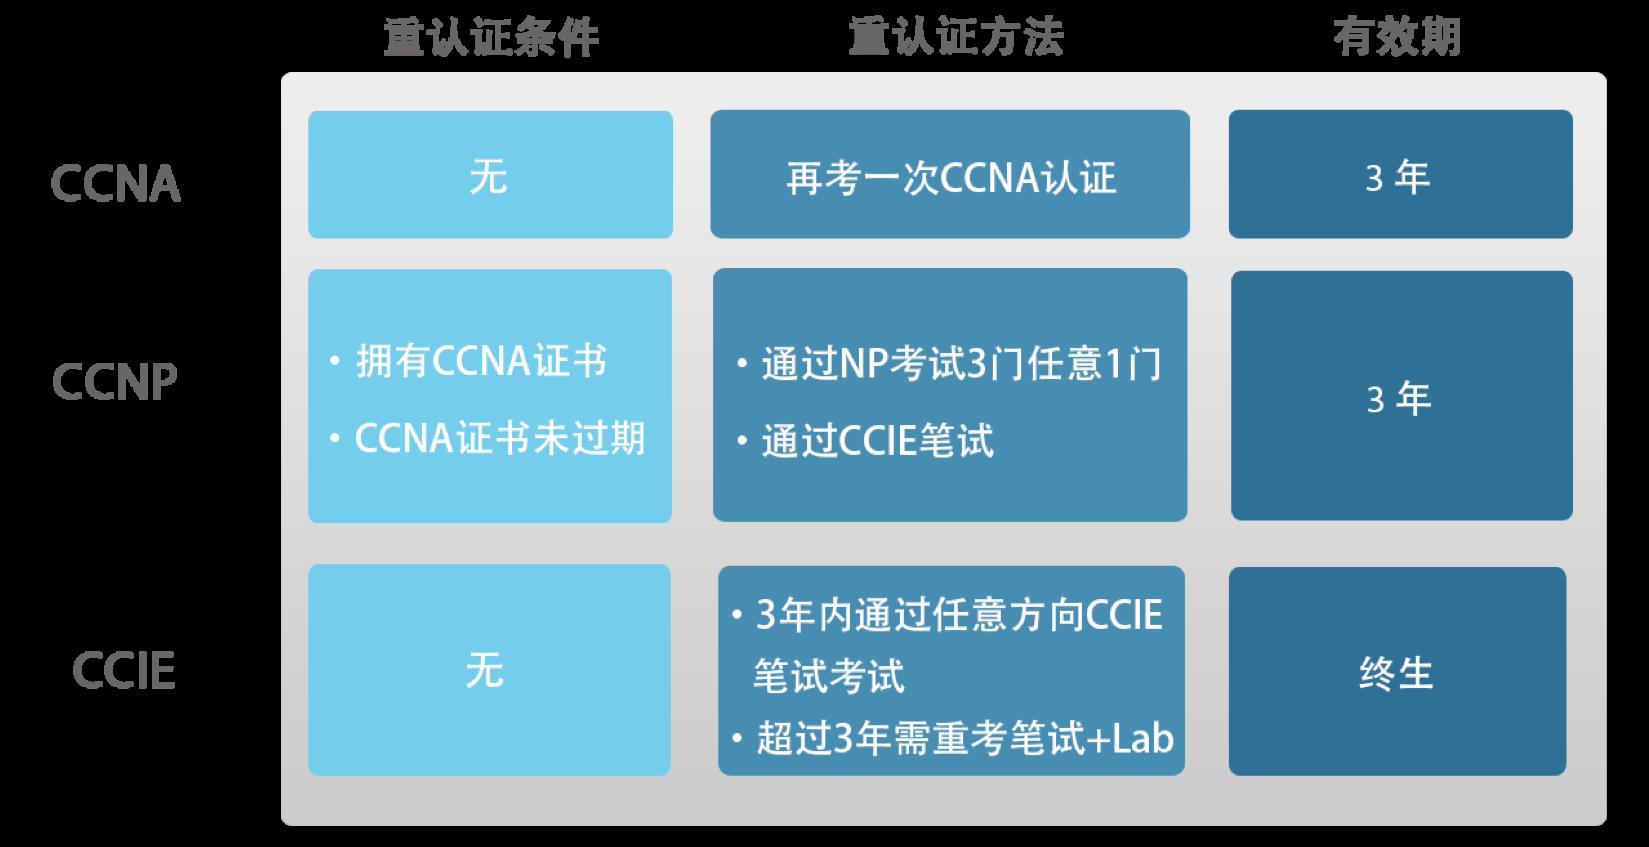 思科CCIE RS重认证以及有效期